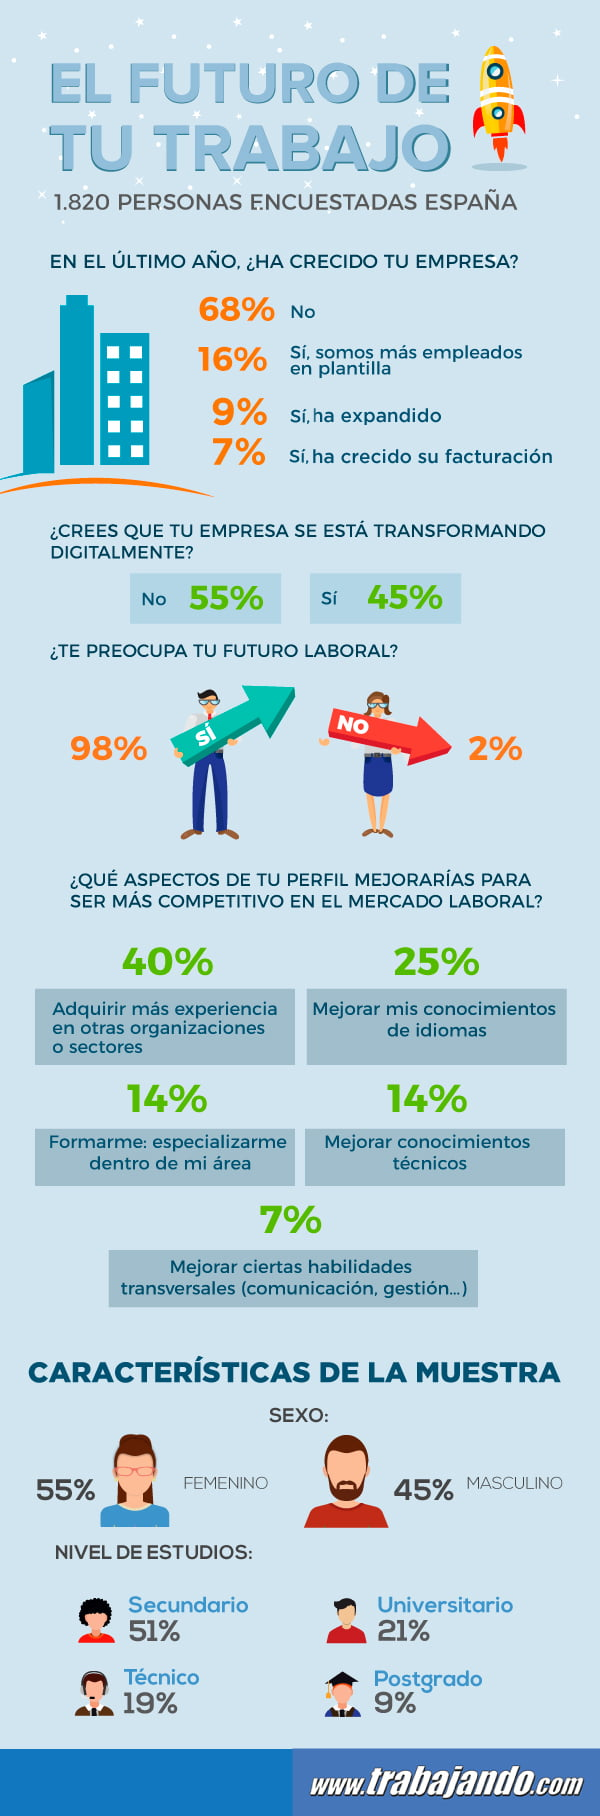 Infografía_Estudio_Futuro Laboral